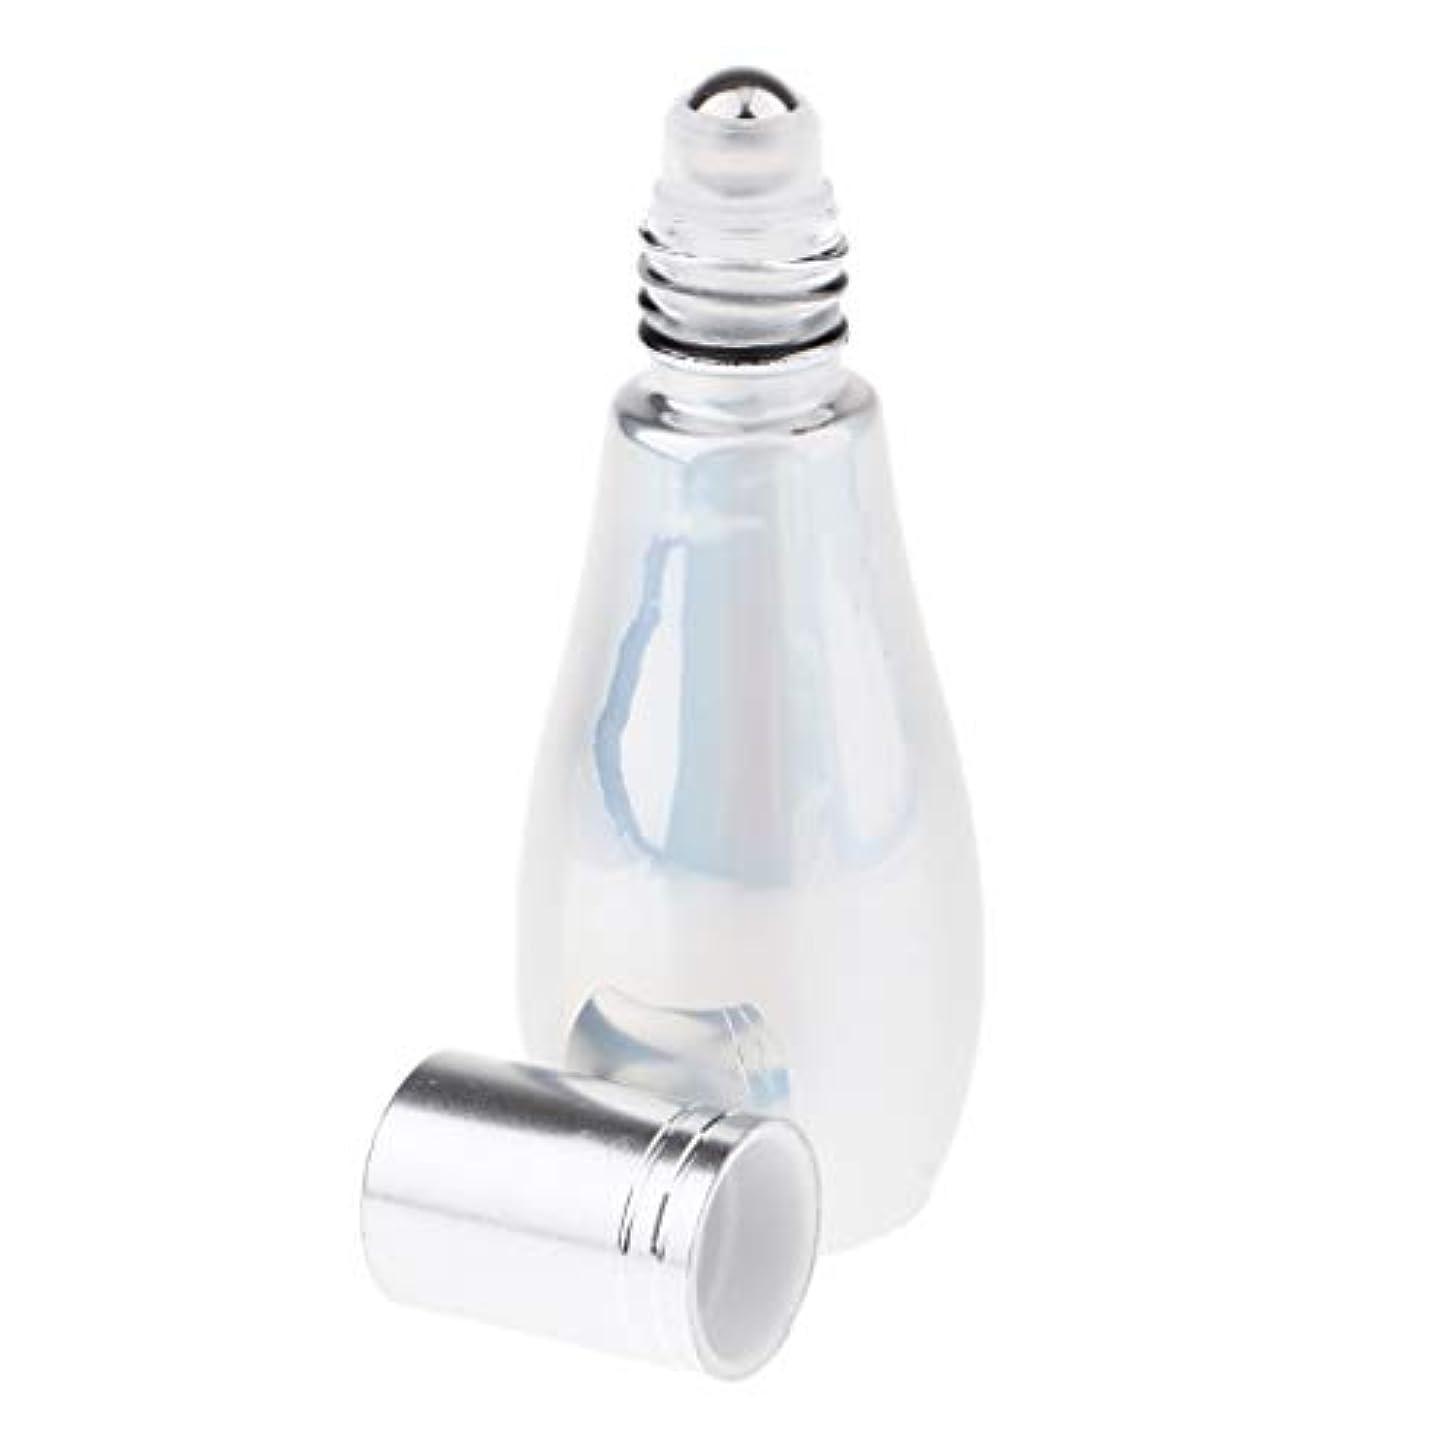 練るコンテスト偽造T TOOYFUL 香水 ロールオン アトマイザー 小分けボトル 香水ボトル ローラーボール ガラス 全2タイプ - ローラー